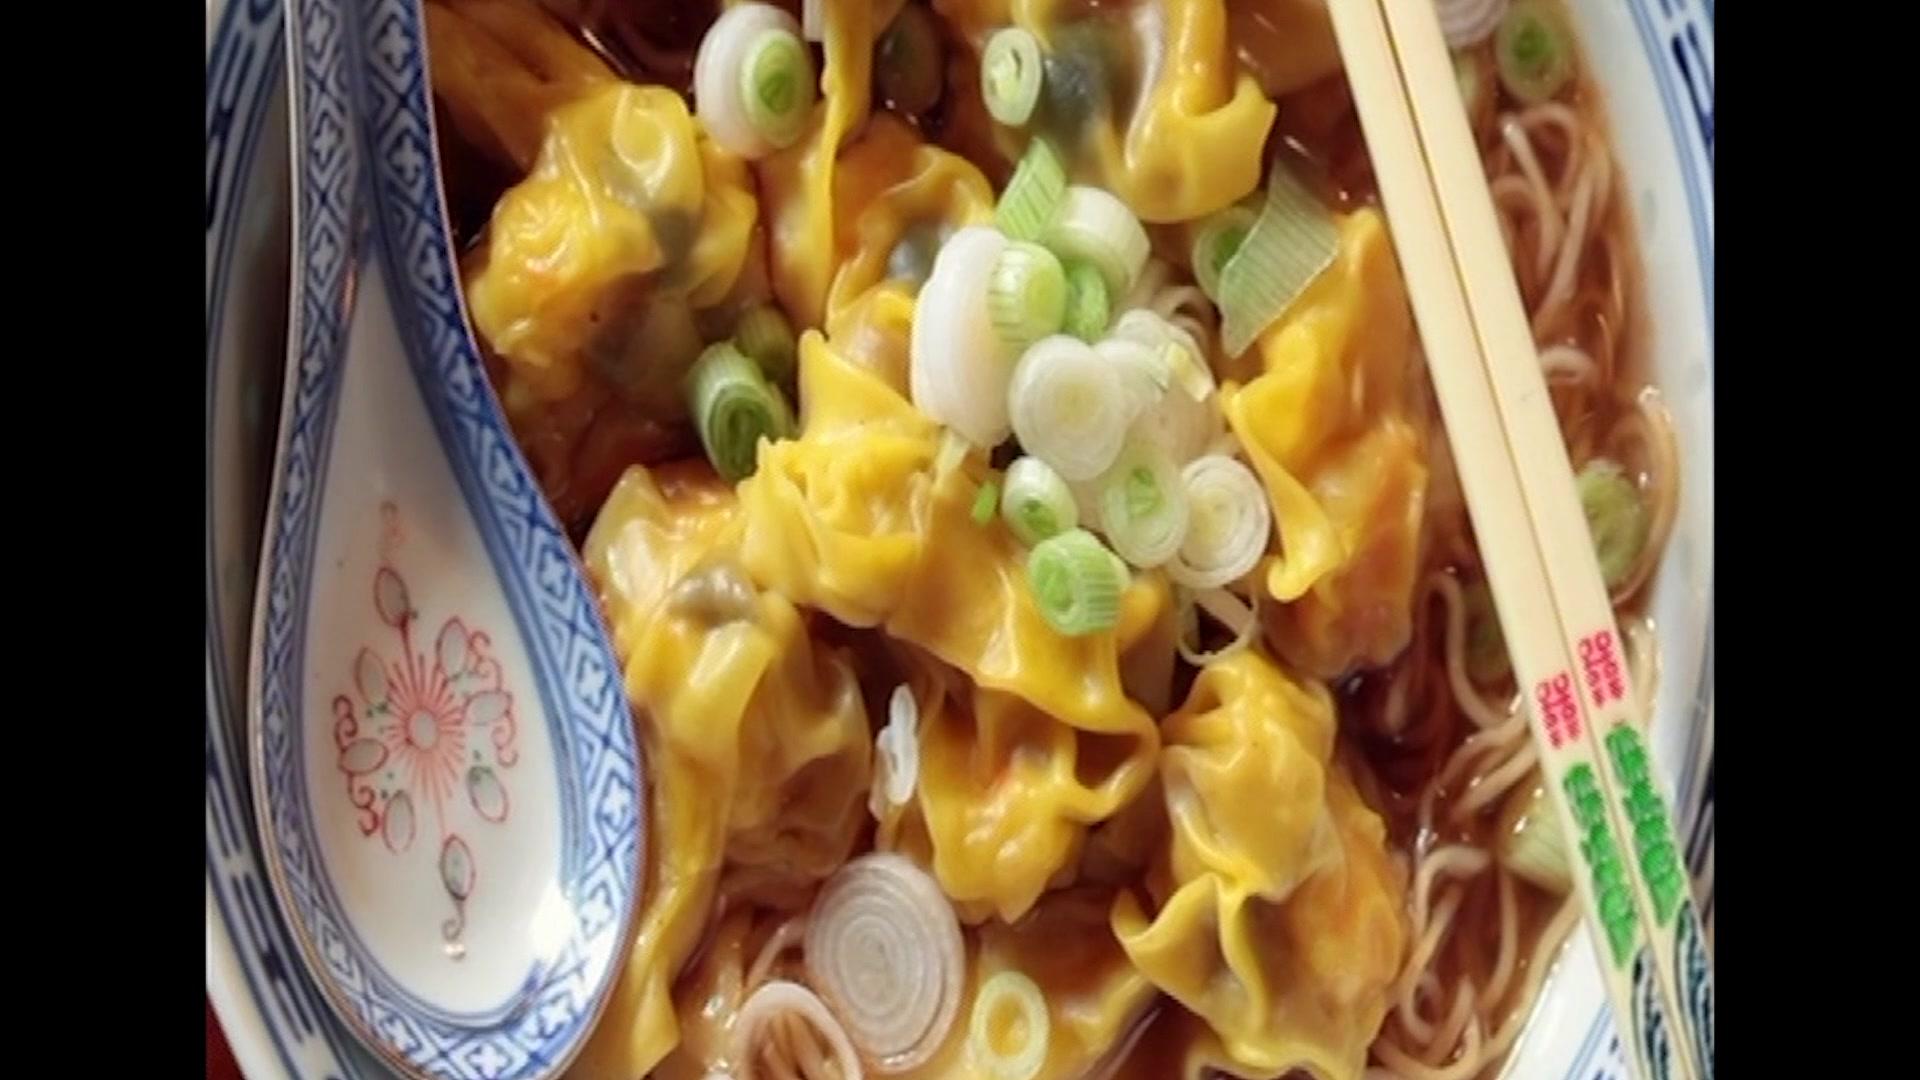 How to Make a Prawn Wantan Noodle Soup